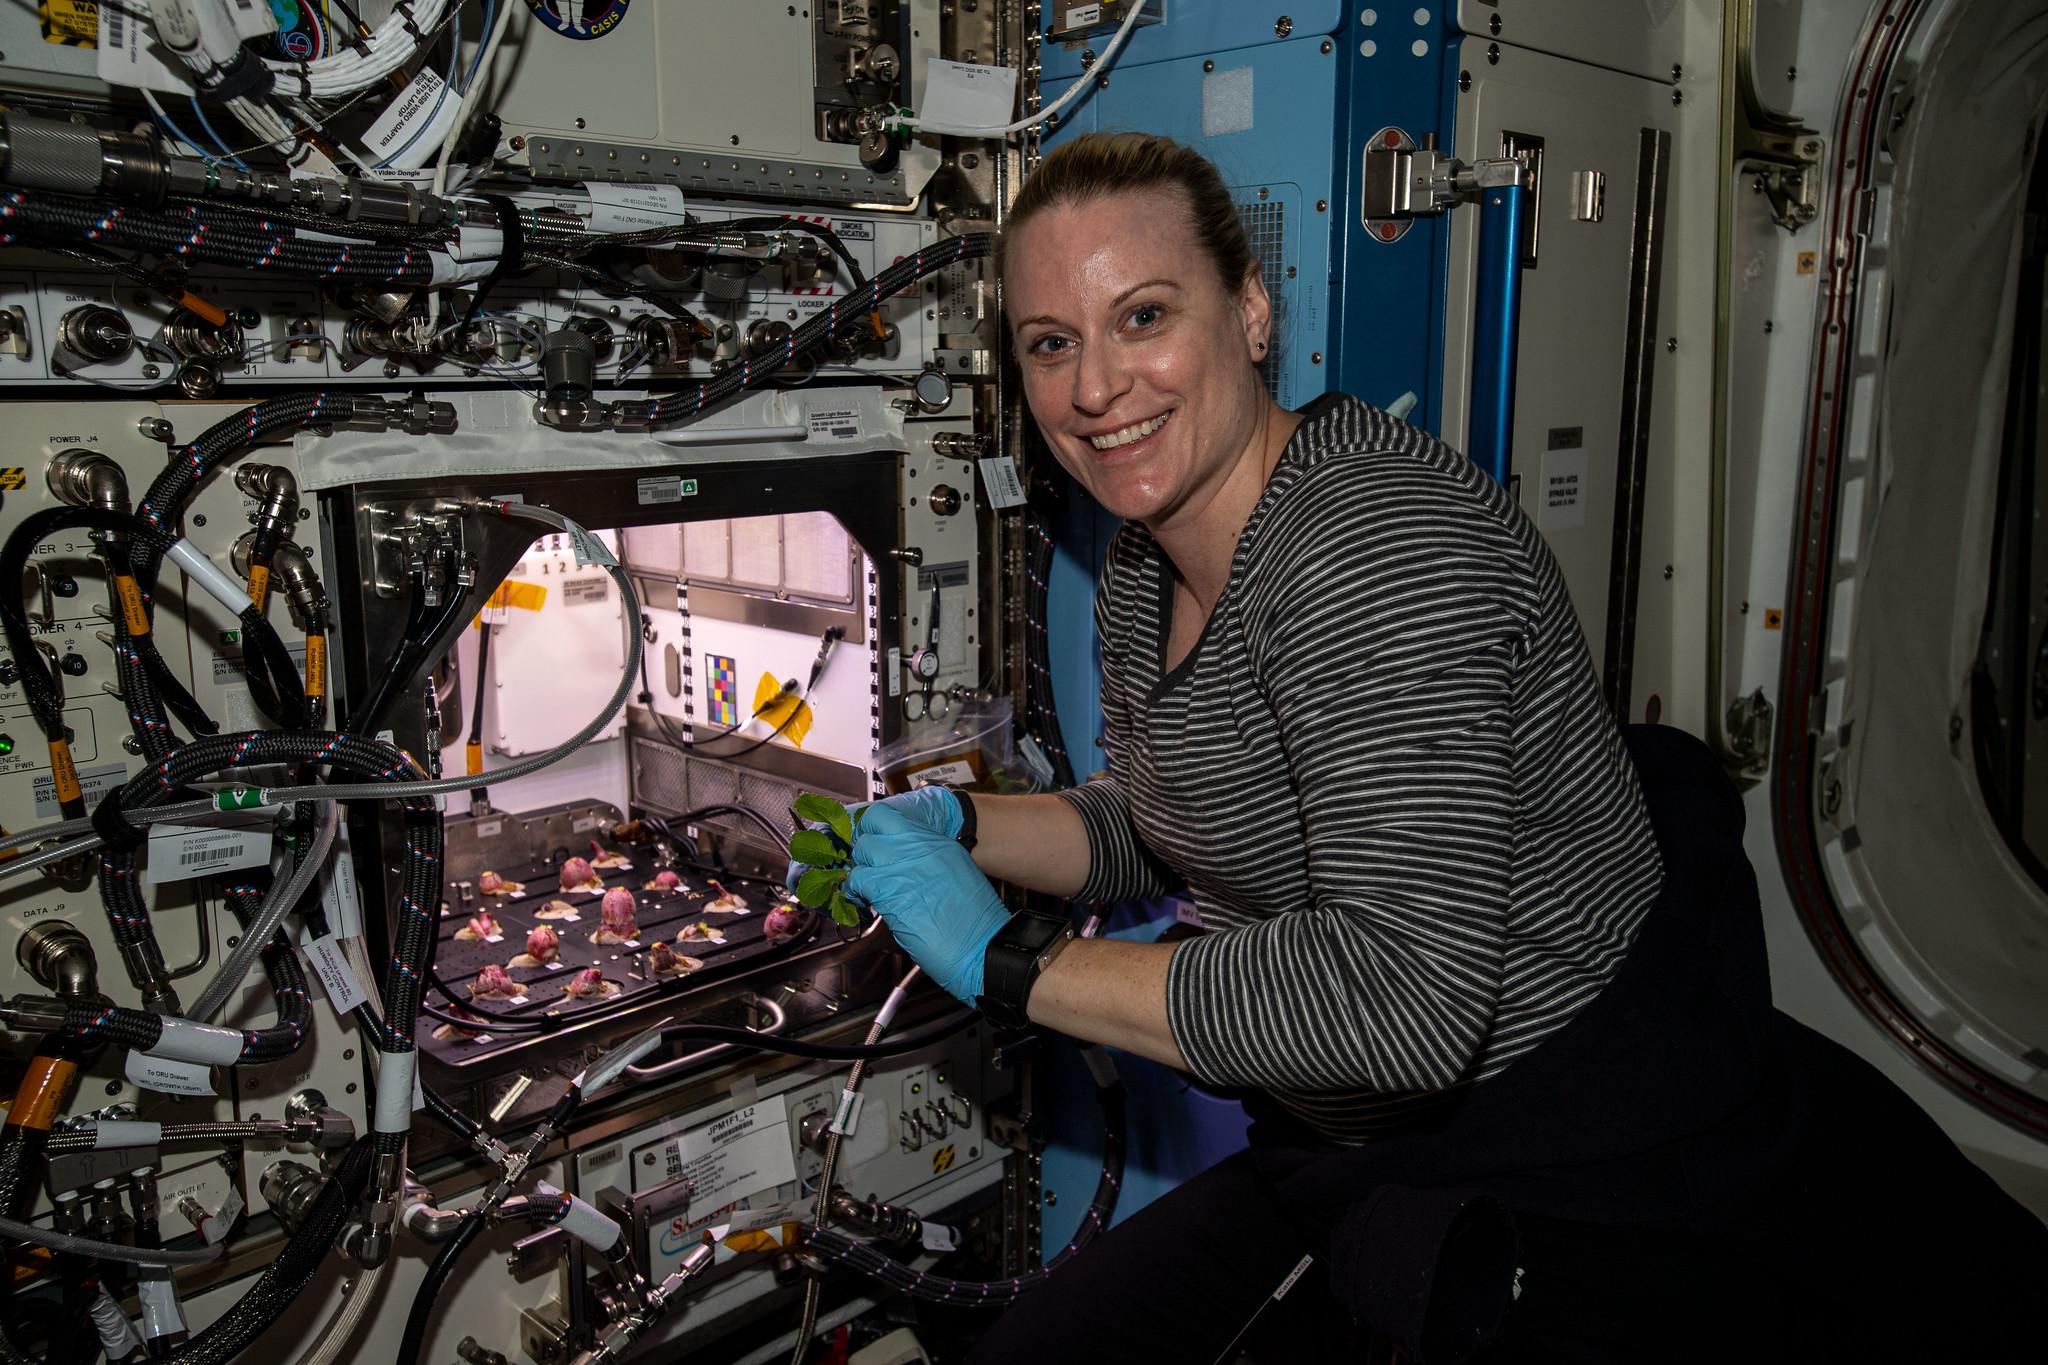 کیت روبینز فضانورد ناسا هنگام برداشت تربچههای کاشته شده در ایستگاه فضایی بینالمللی